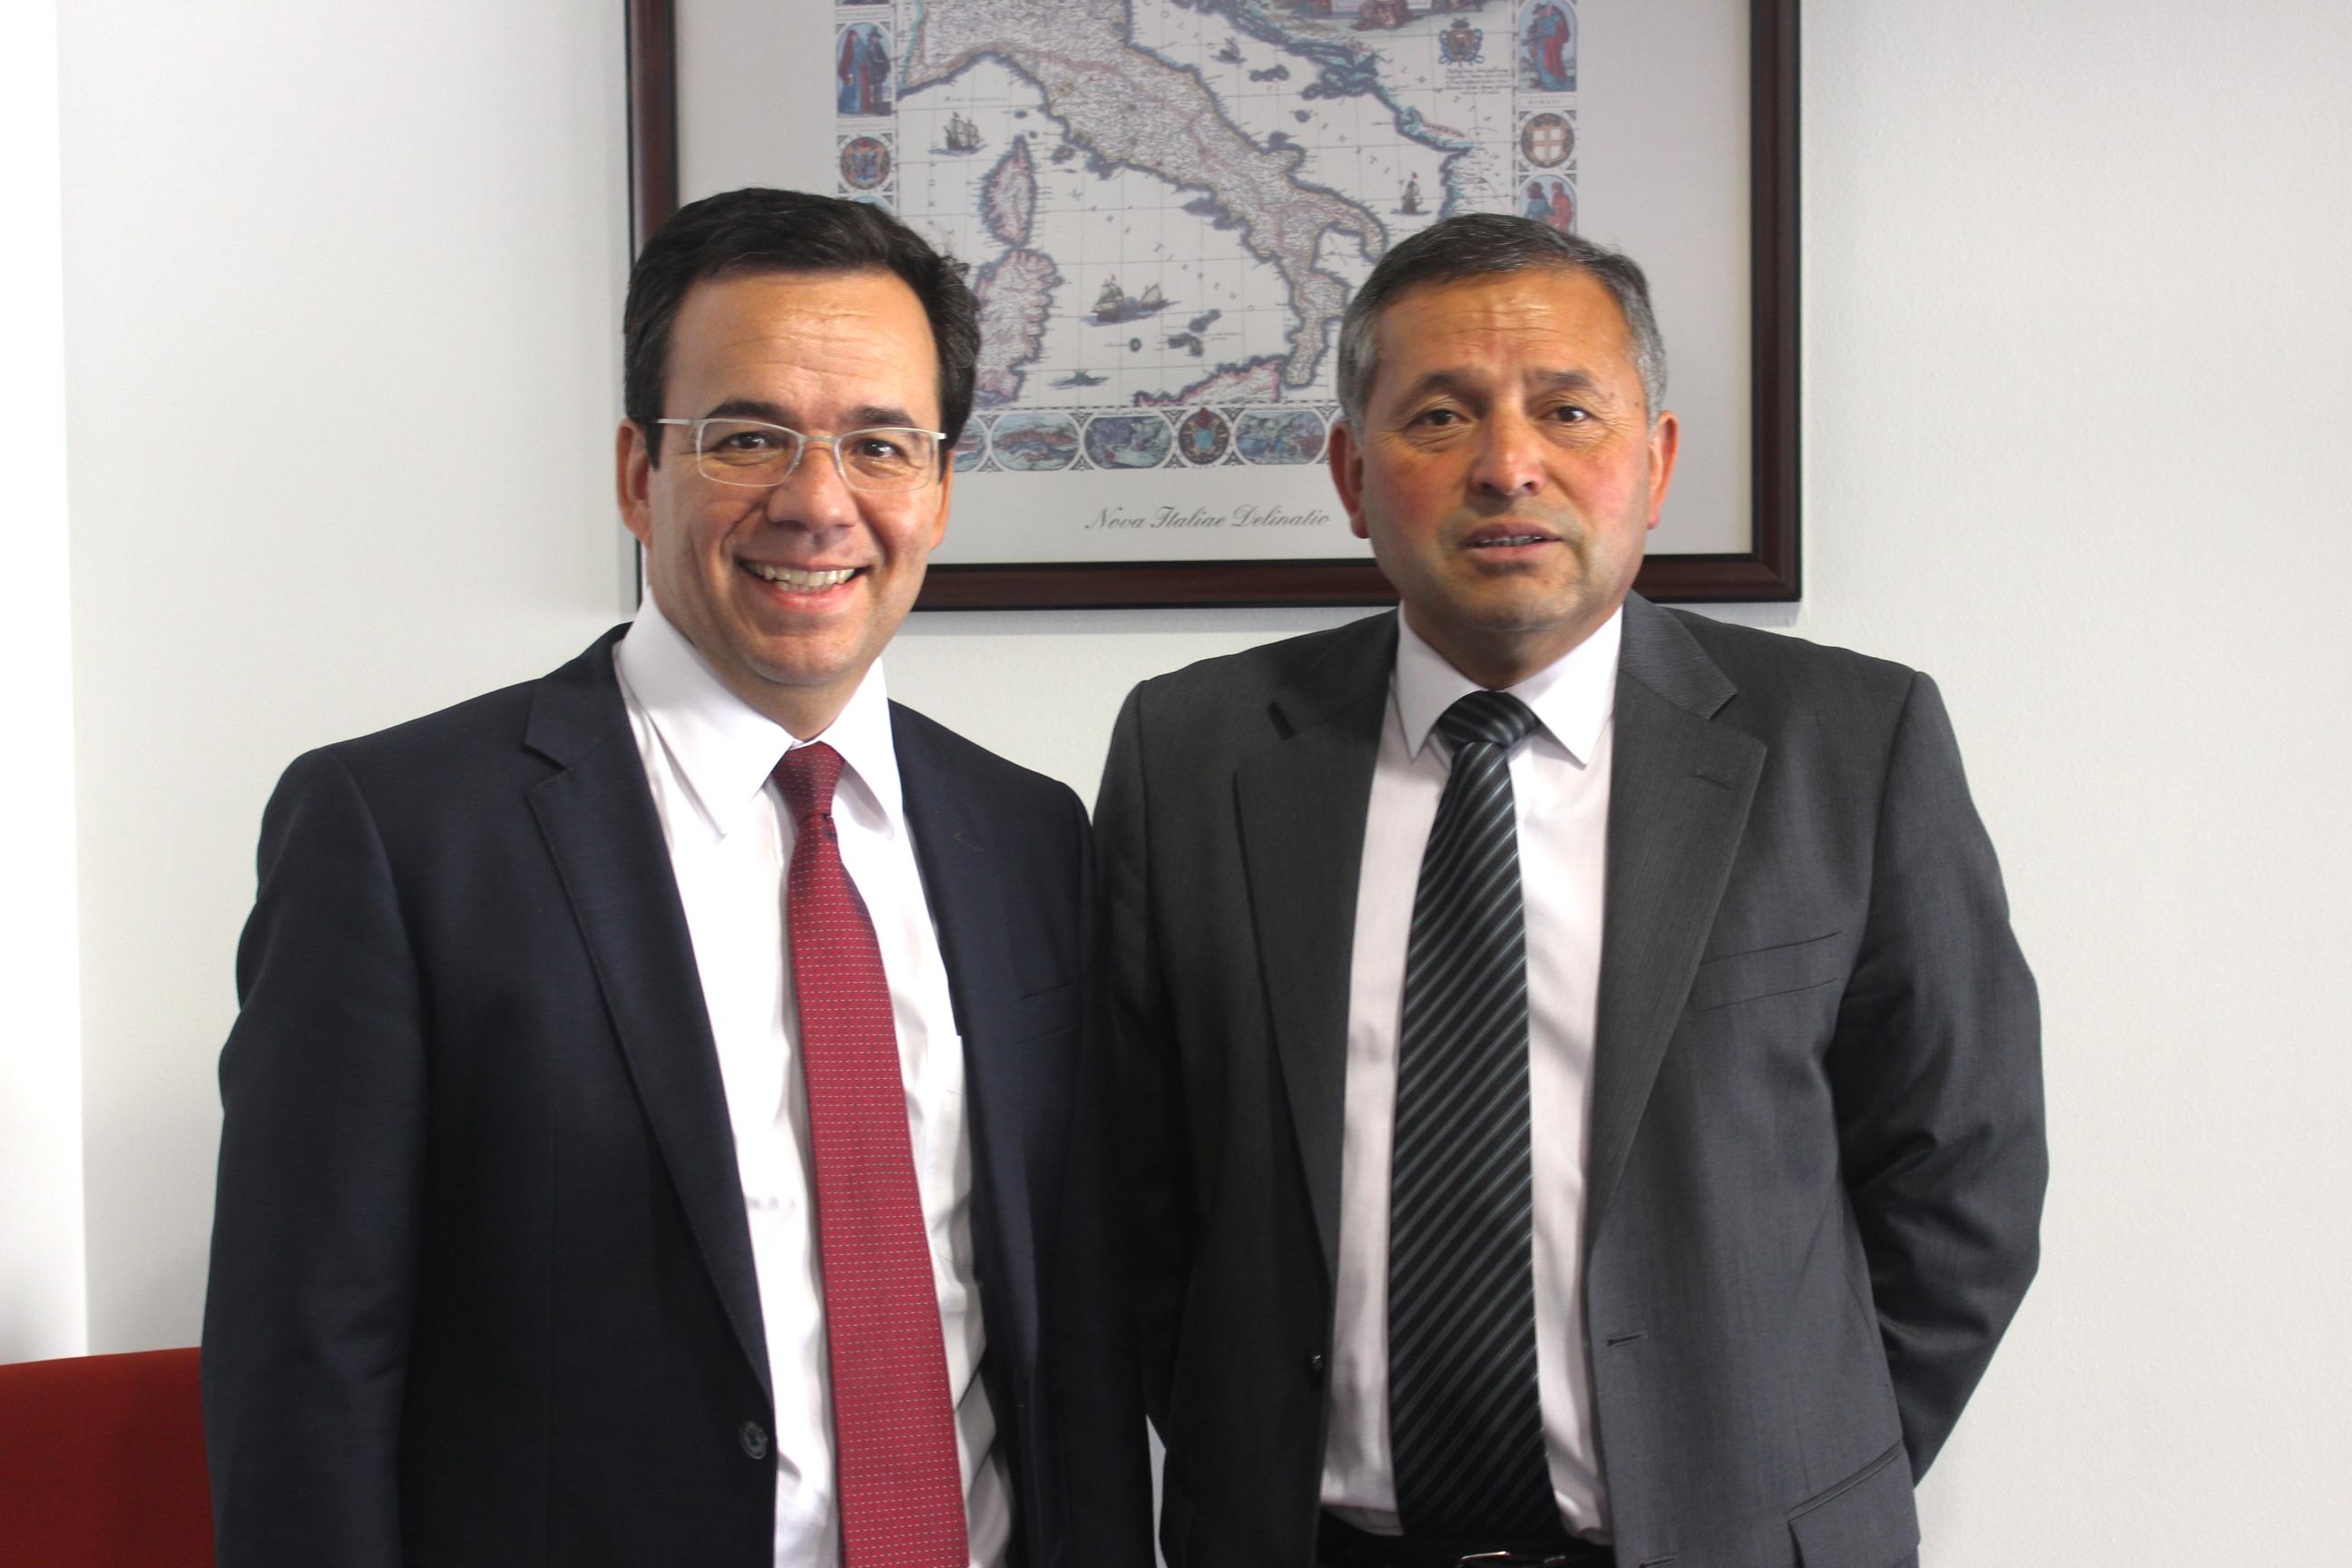 FOTO MINISTRO DE ECONOMIA (2)